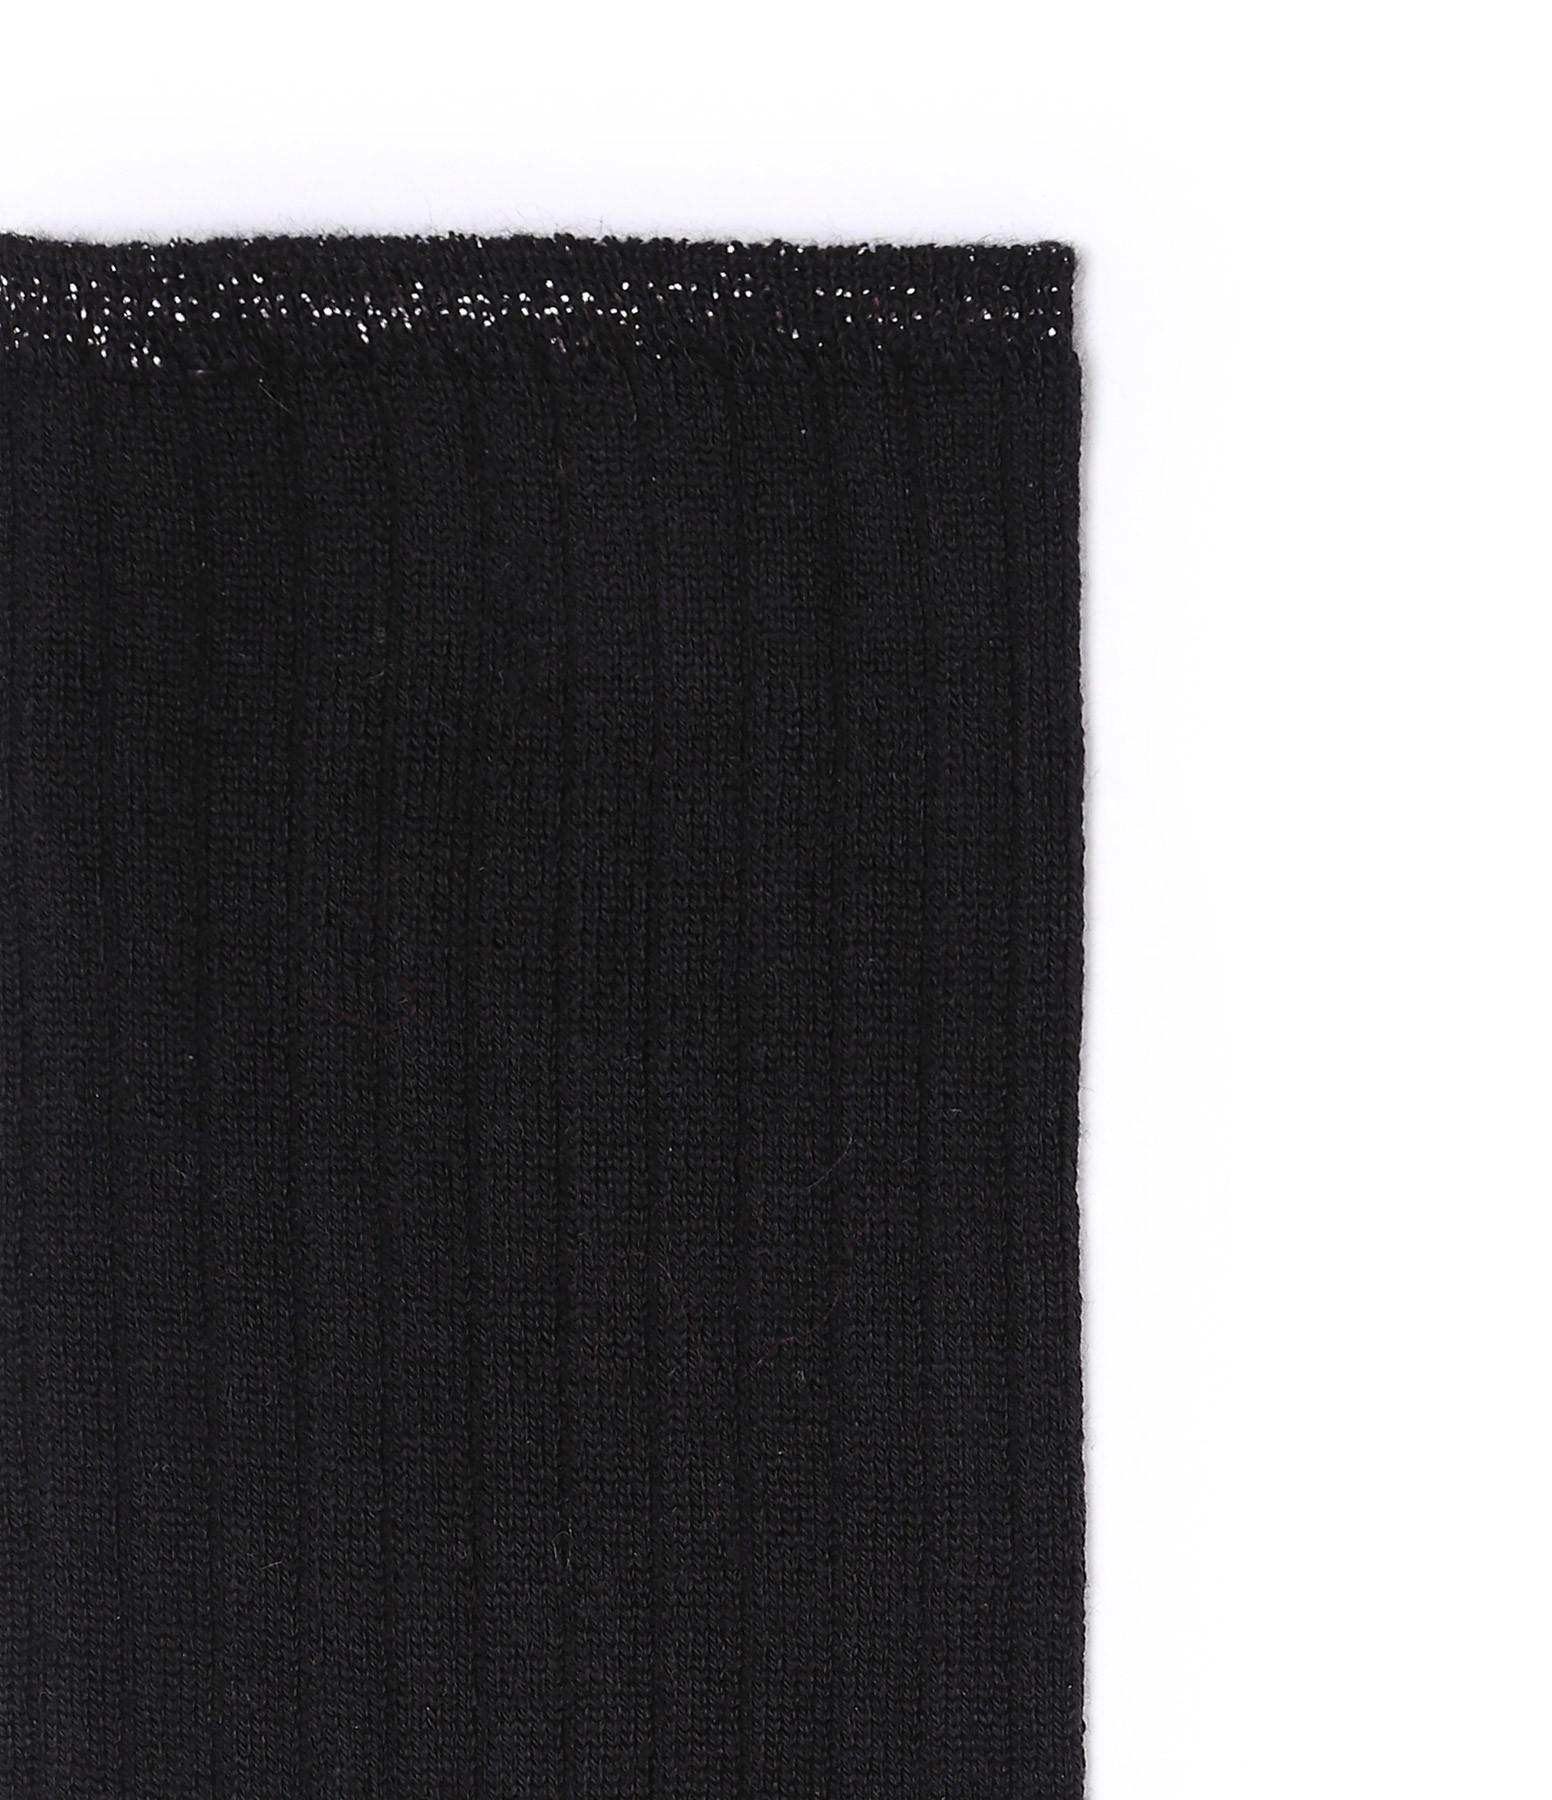 ALTO - Chaussettes Donna Laine Merino Noir